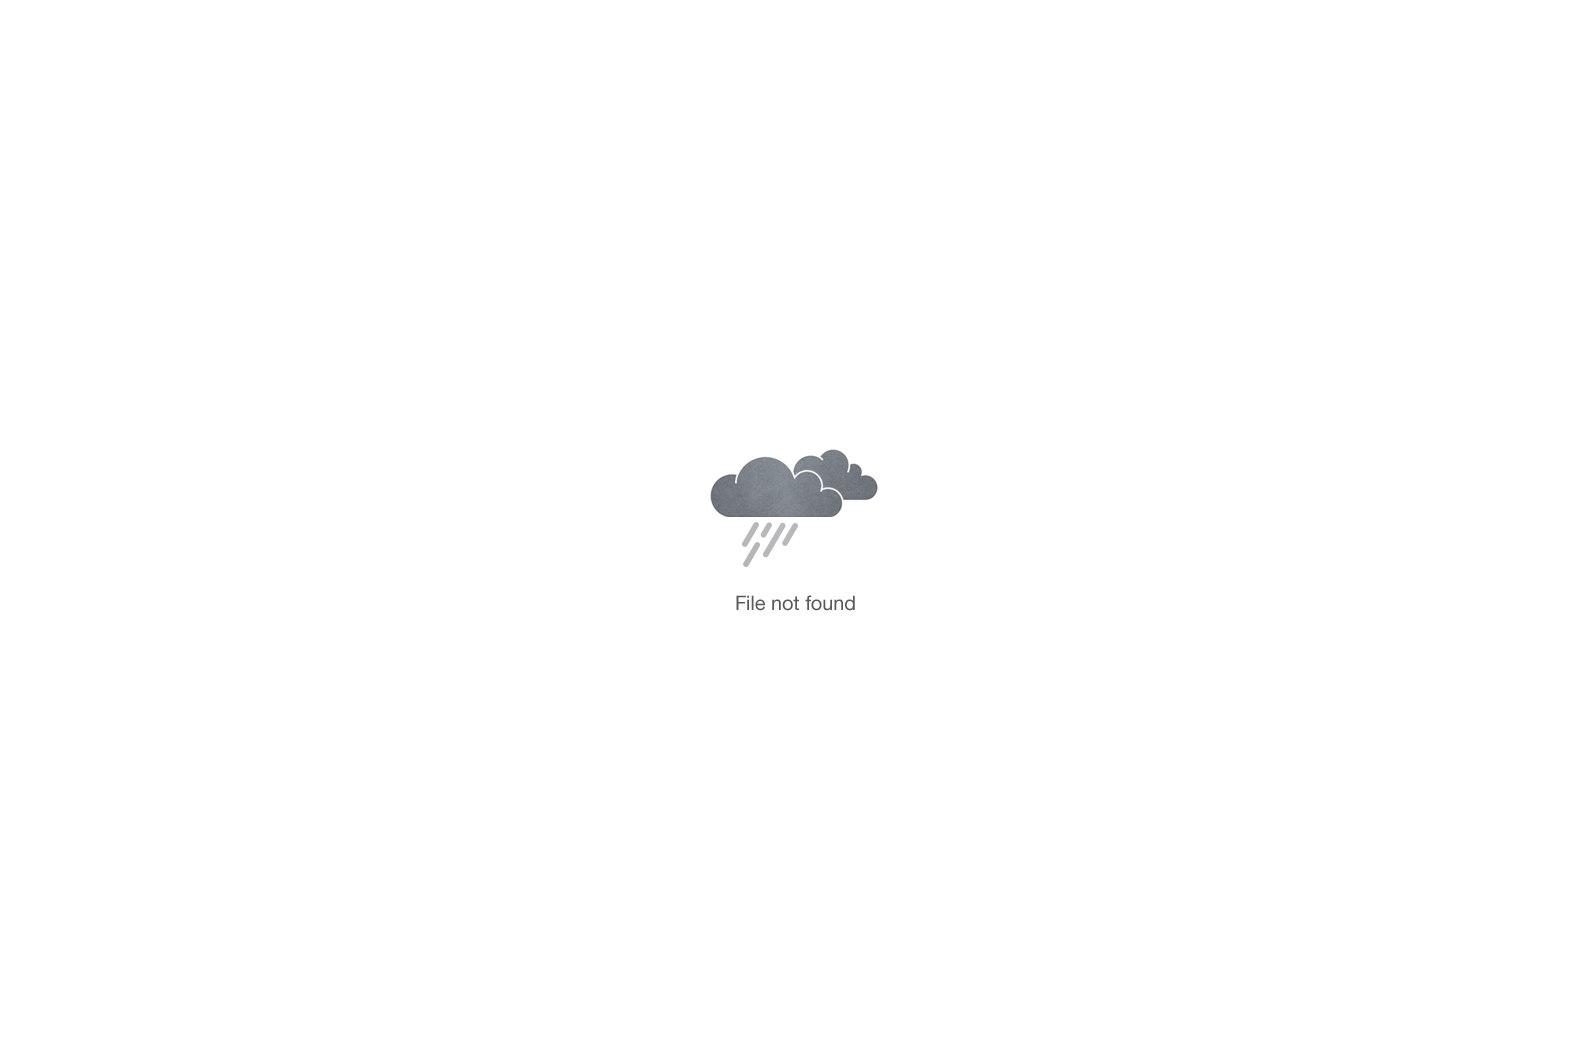 l'équipe-de Bewee-Cyclisme-Sponsorise-me-image-2